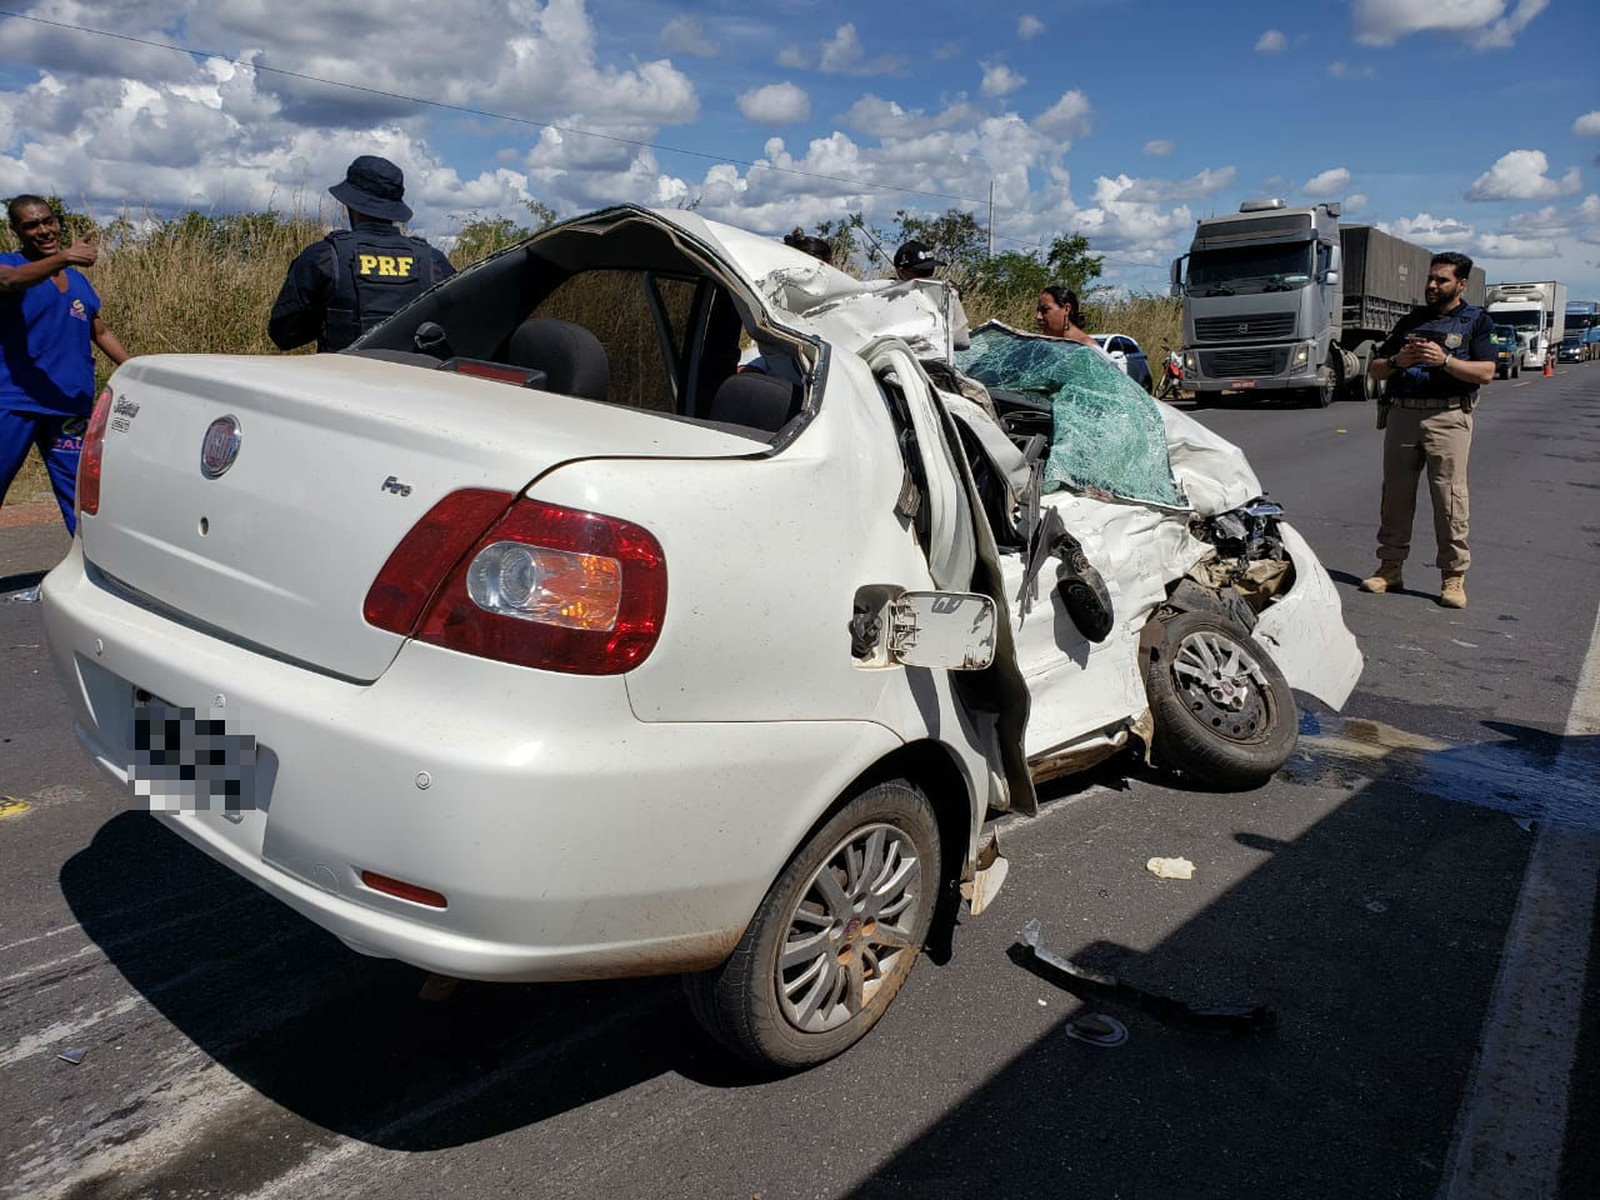 ENCONTRO FATAL: Homem morre após carro bater de frente com carreta